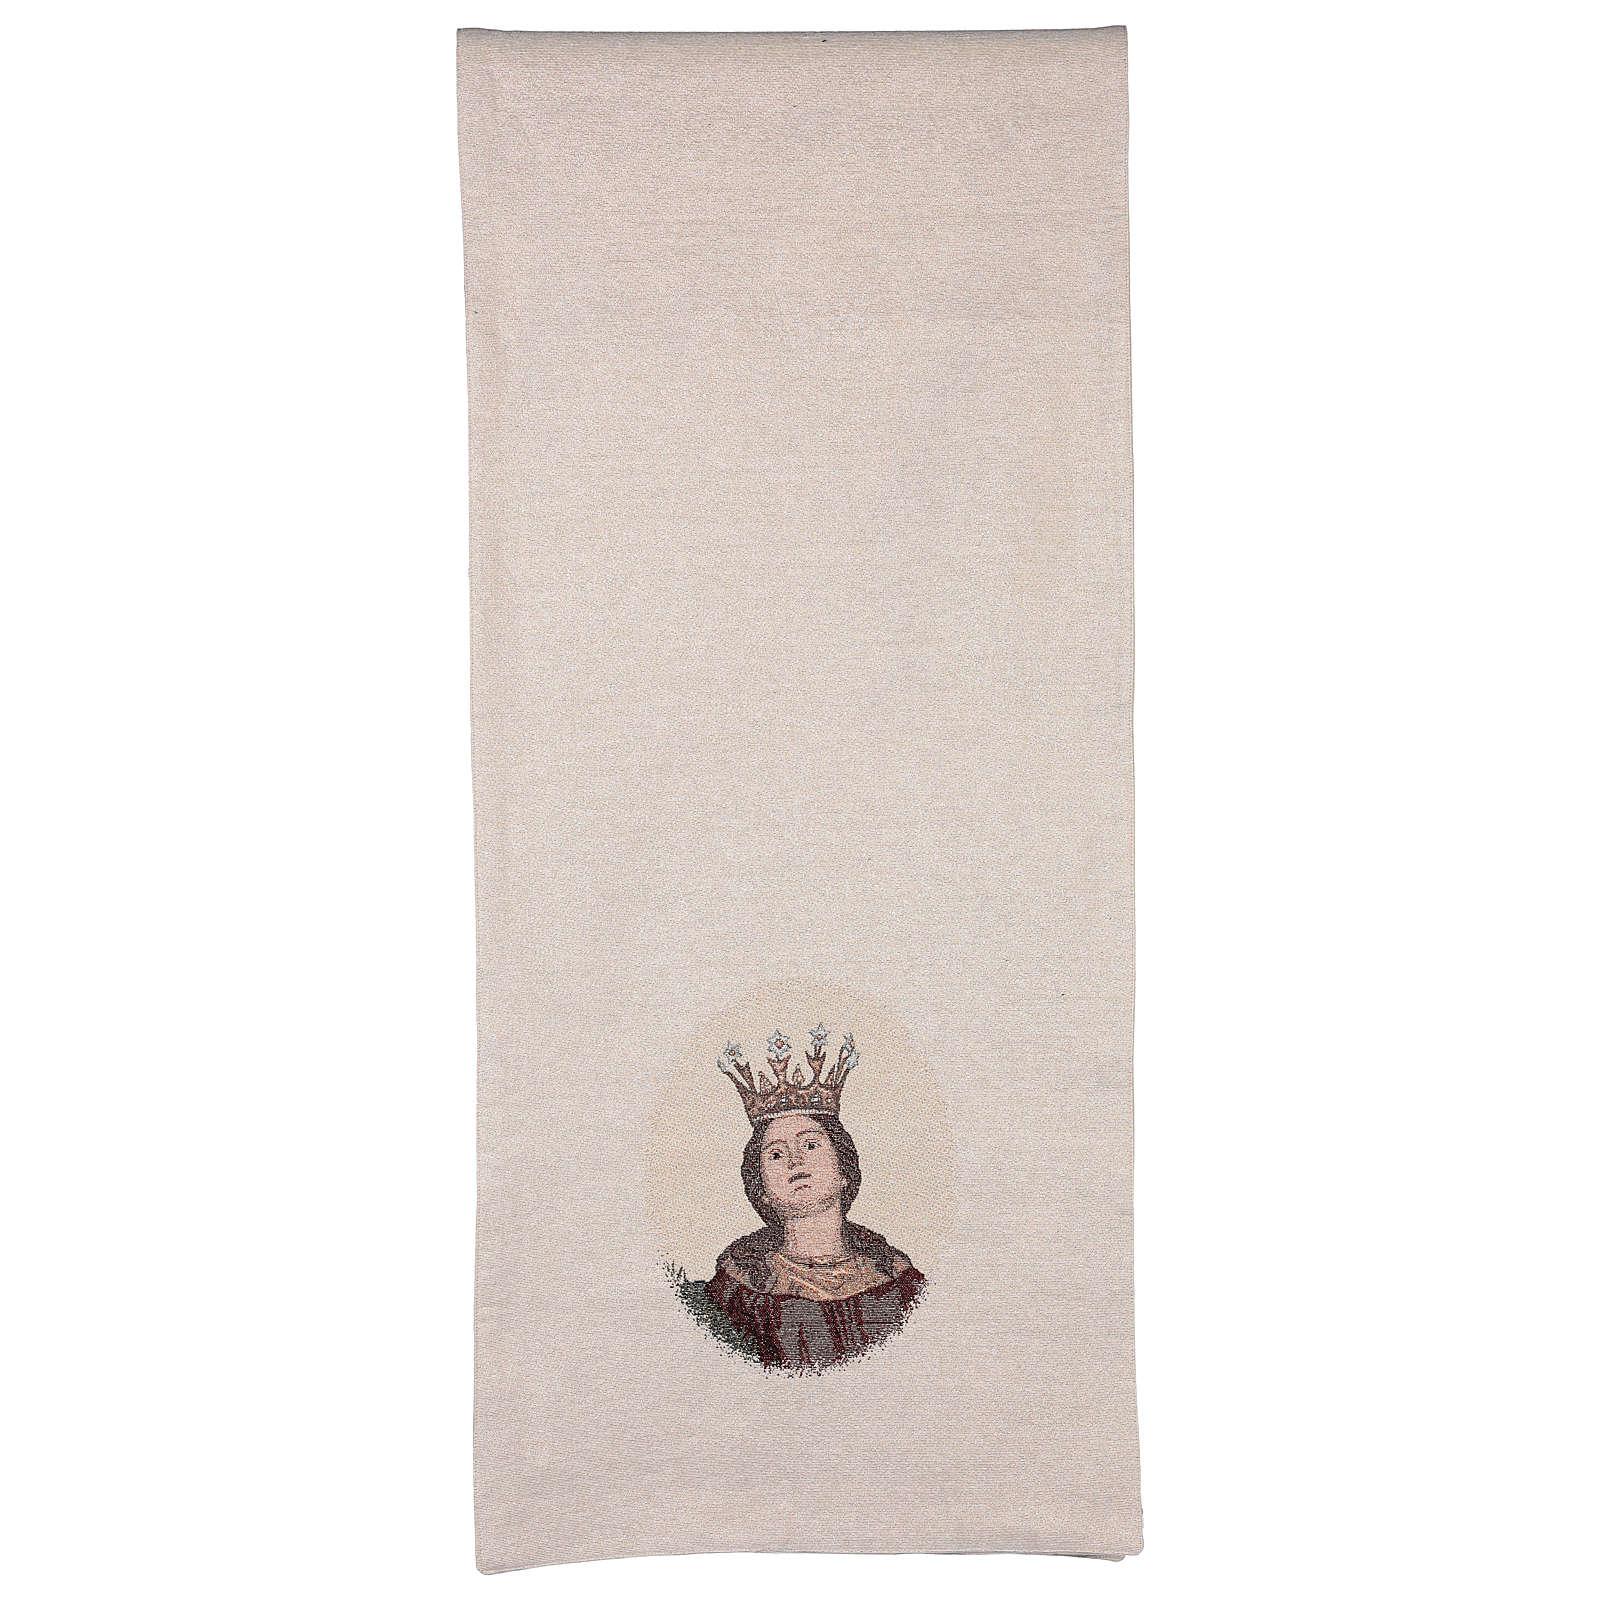 Paño de atril Santa Barbara bordado marfil algodón lurex  4